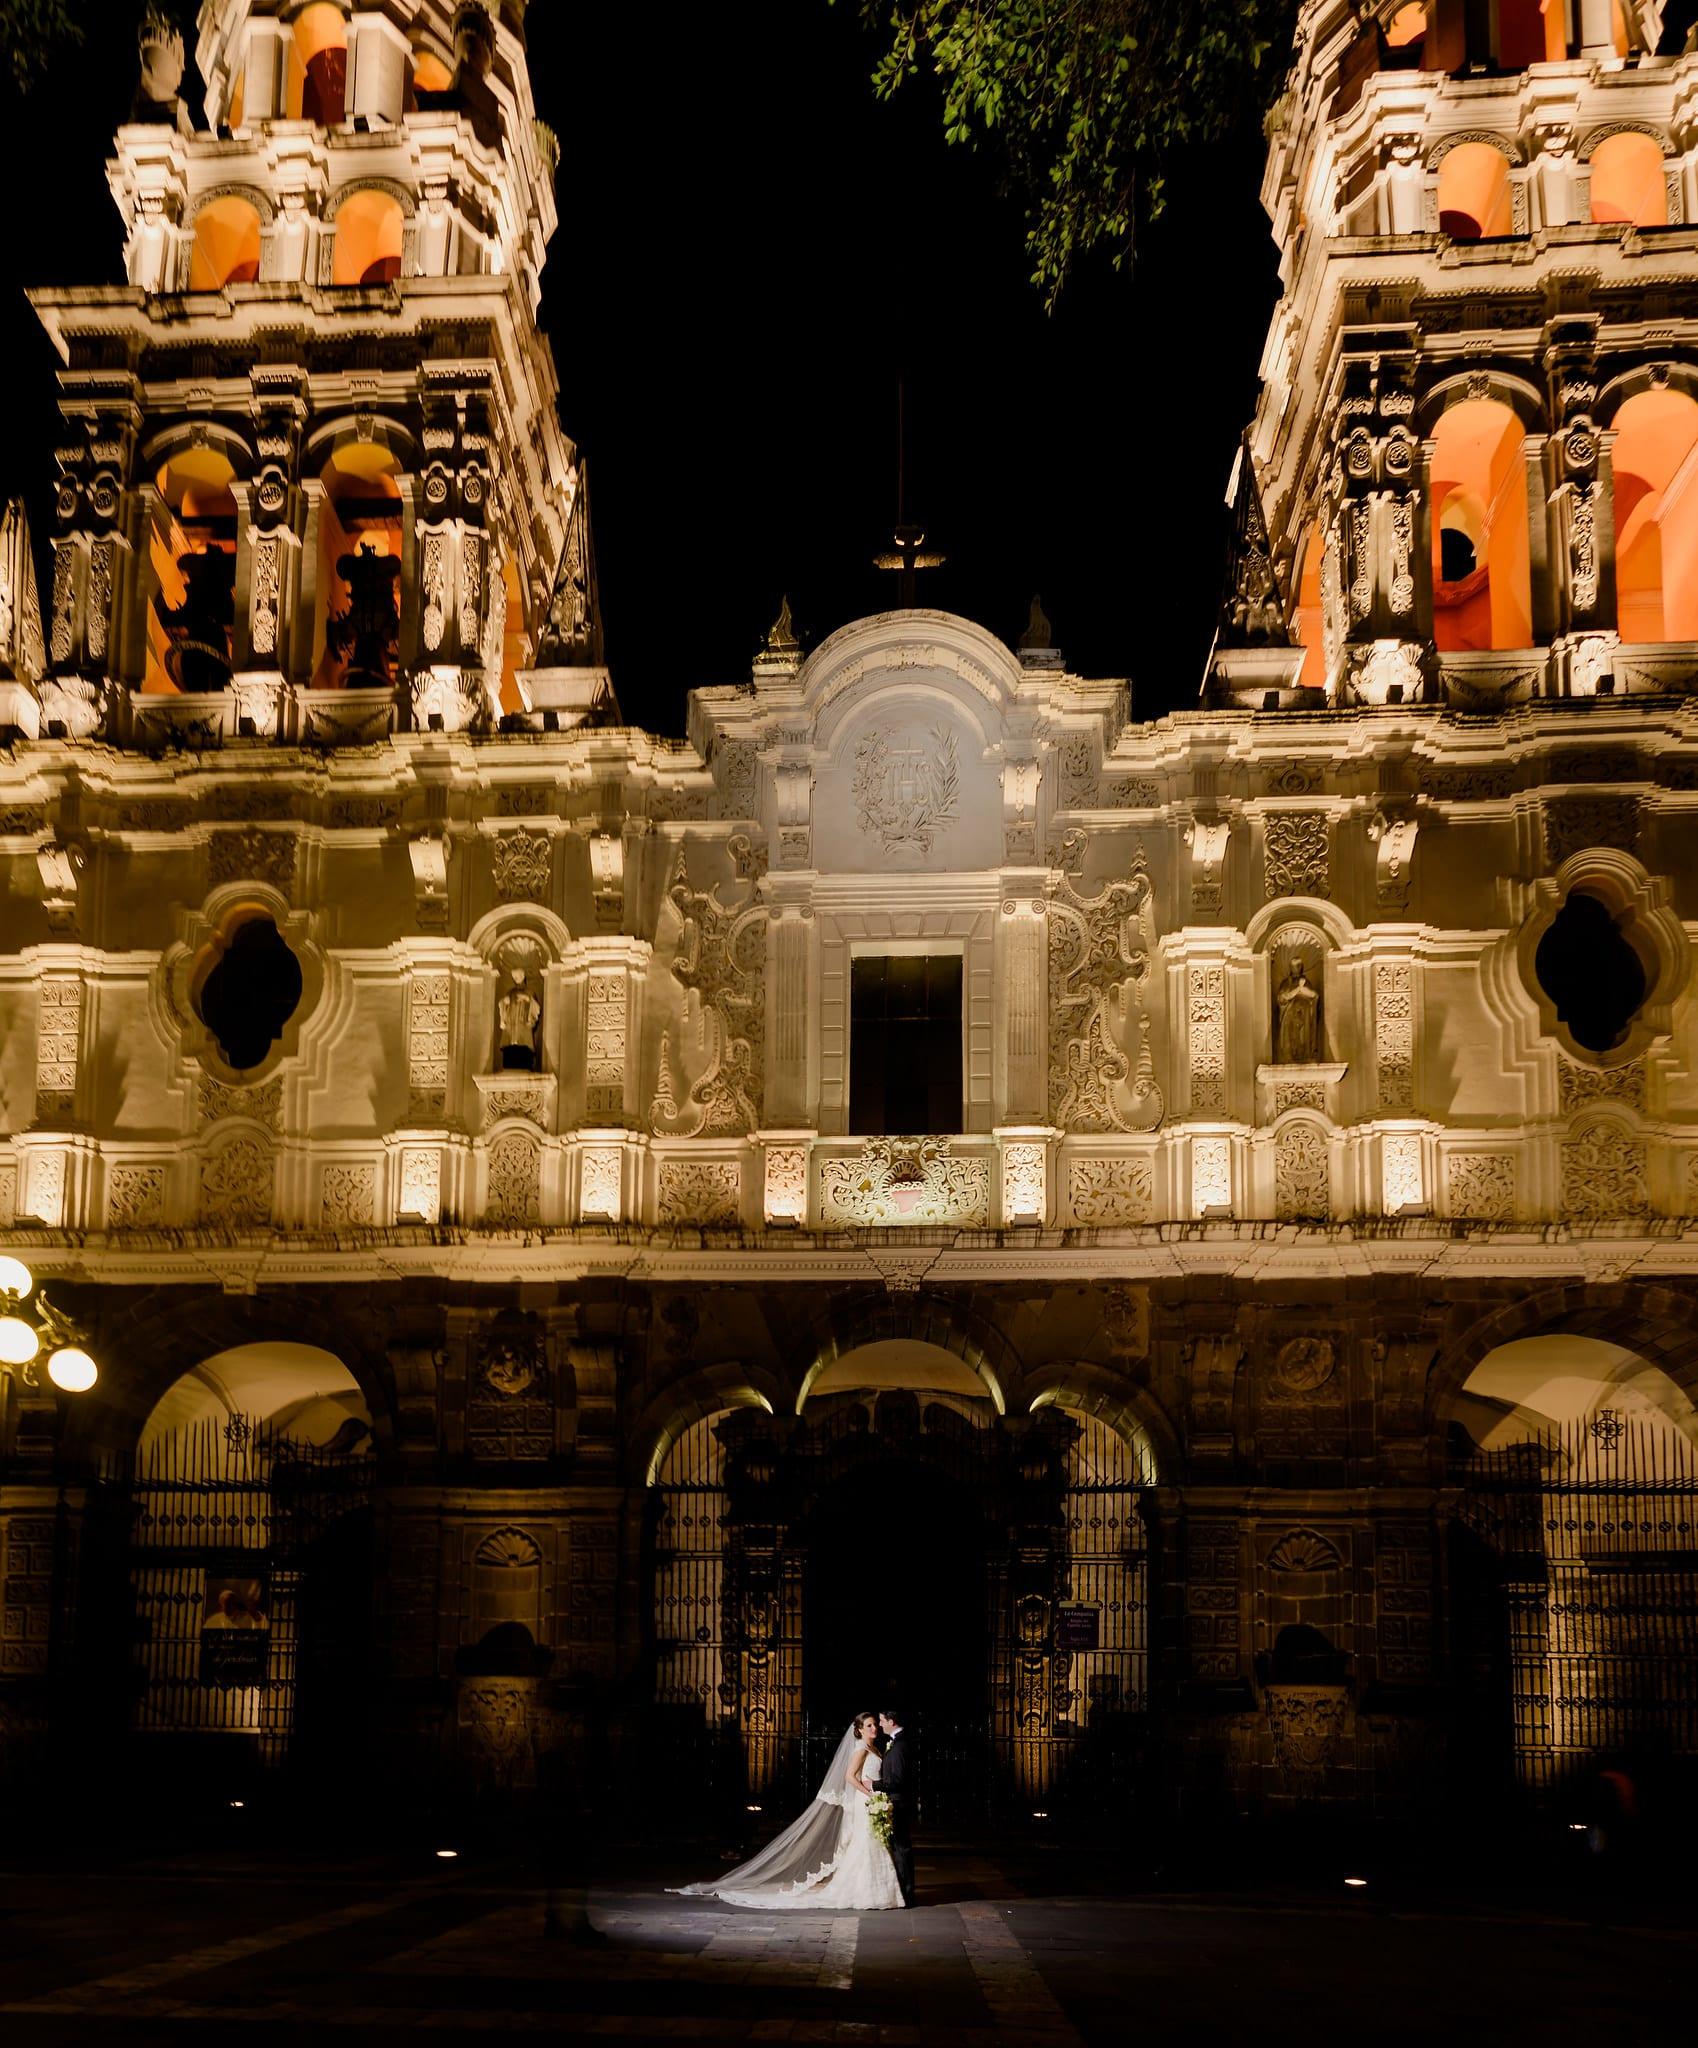 bodas-en-puebla-museo-de-san-pedro-la-compañia-0917